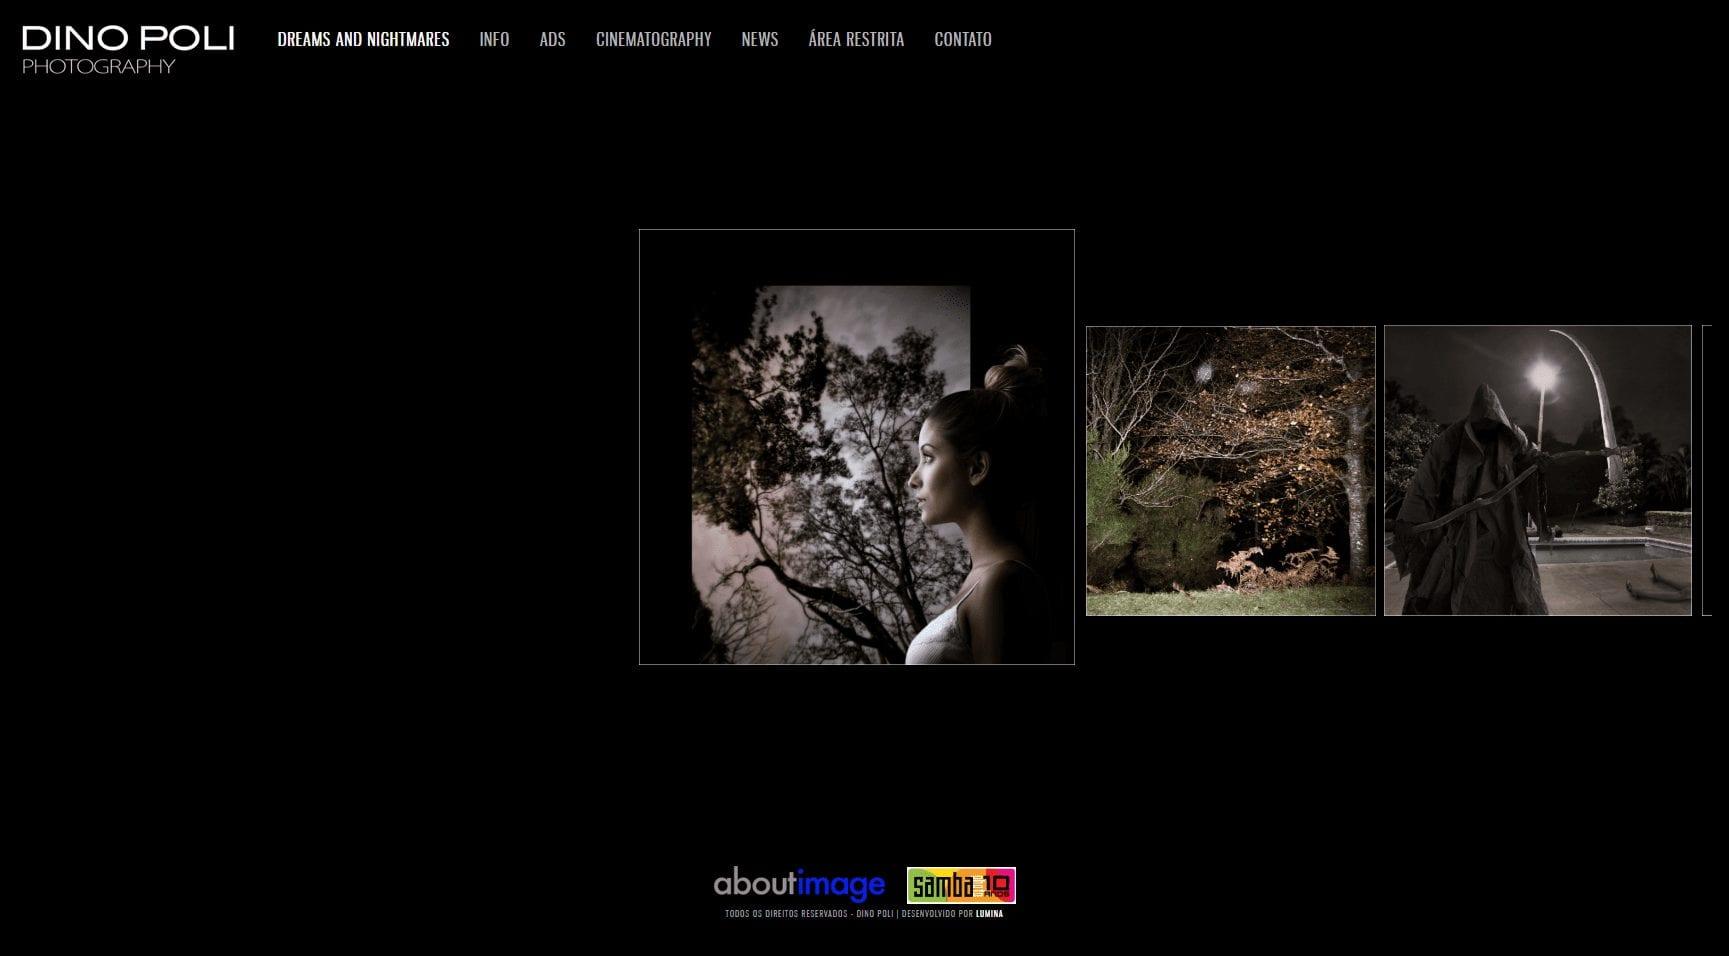 Screencapture-dinopoli-site-2019-03-23-19_03_12